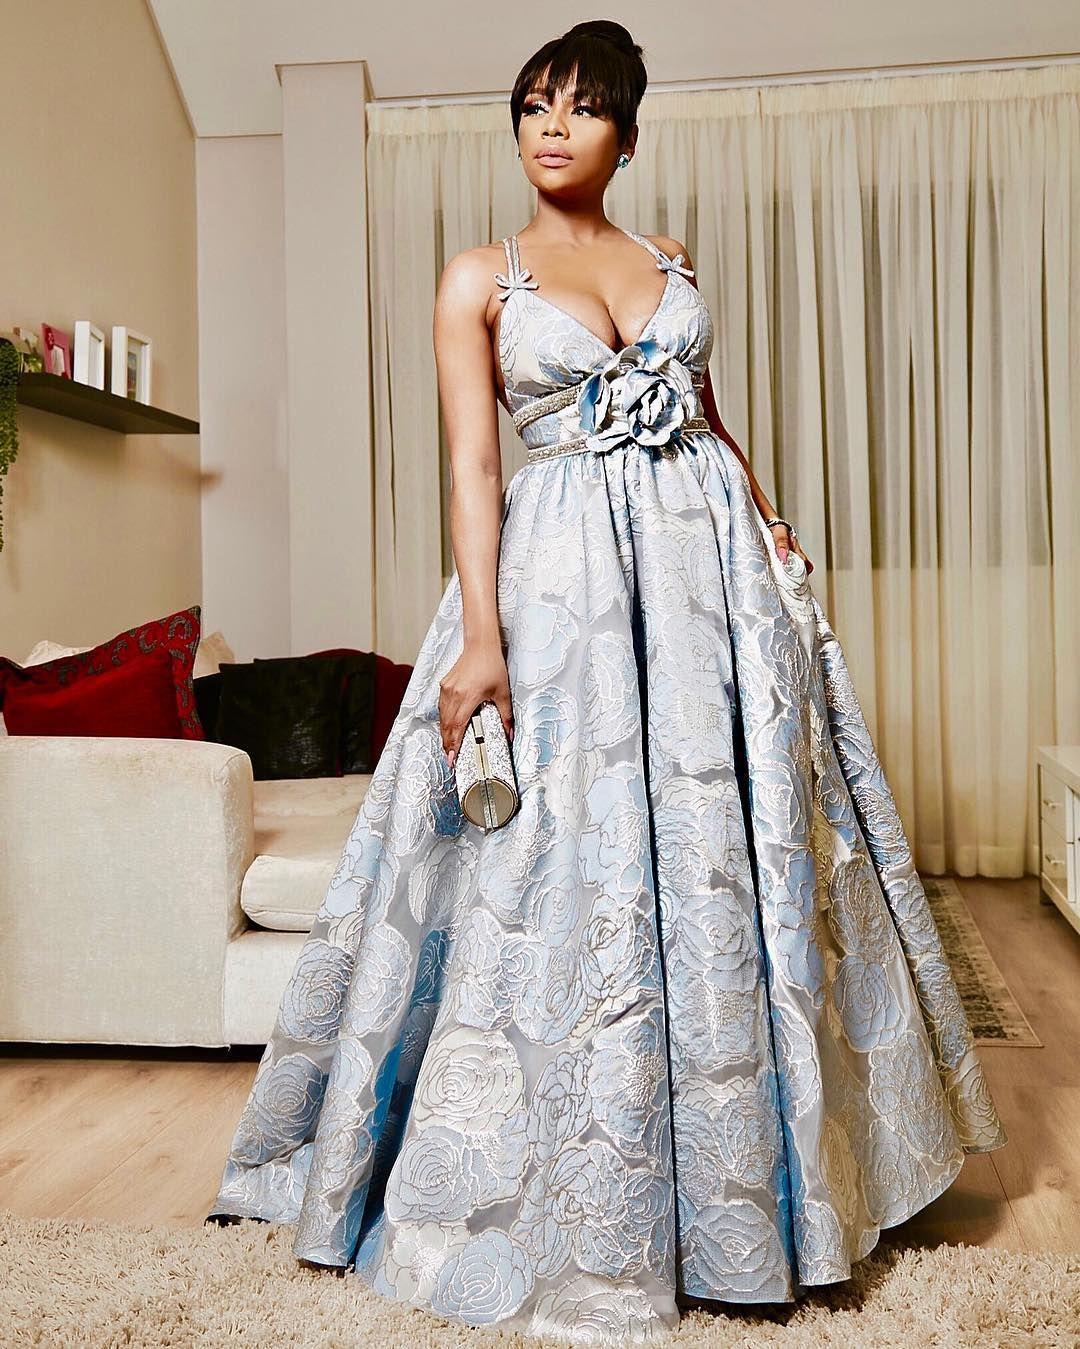 Bonang Matheba in Villioti Fashion Dress is everything